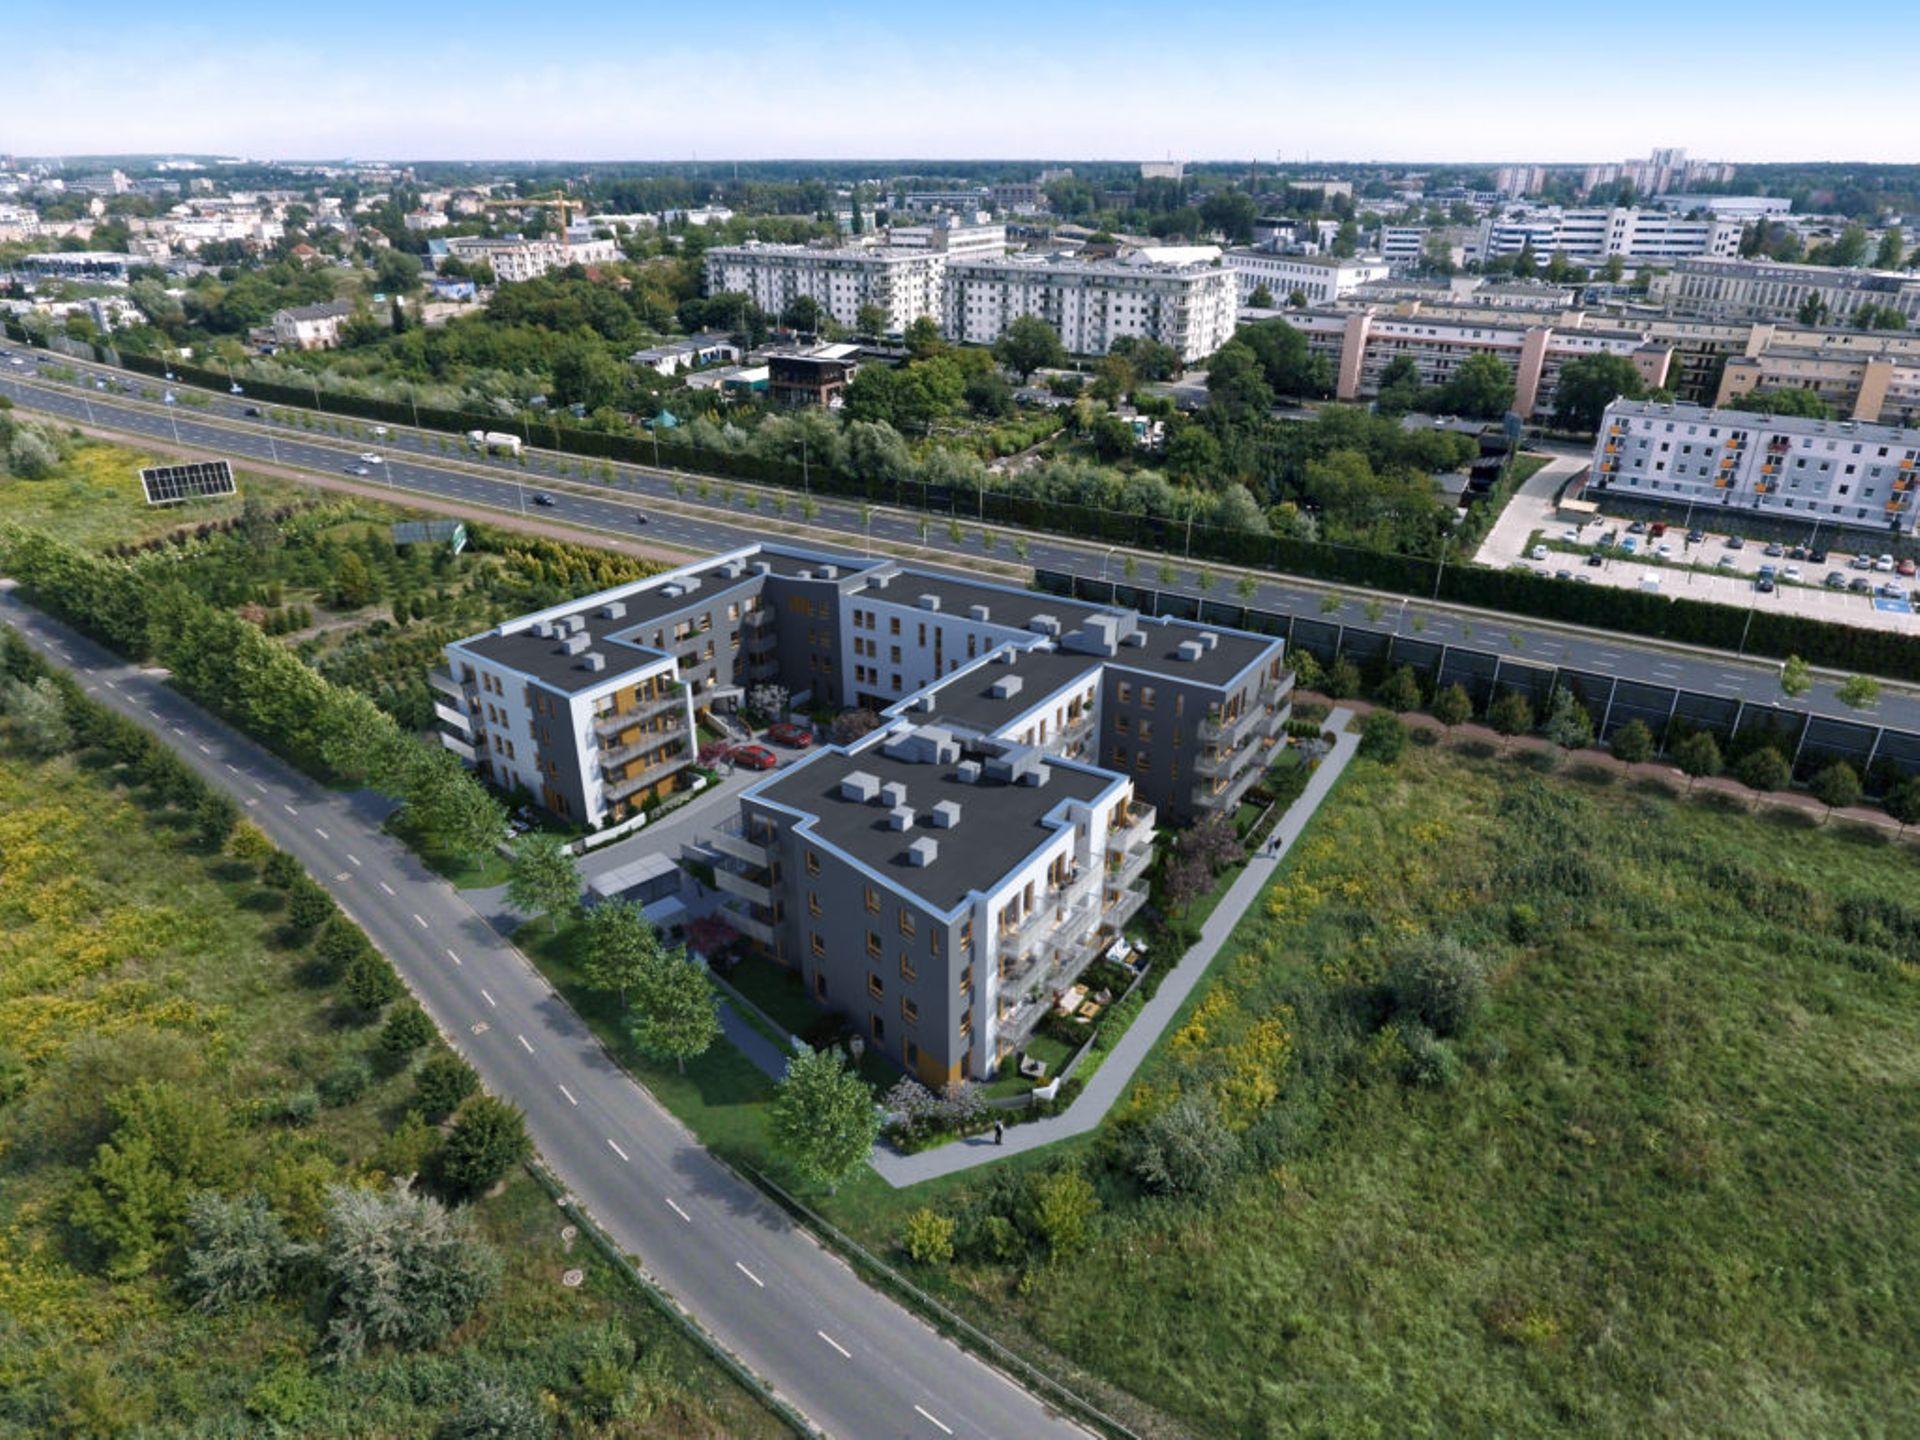 [Poznań] Prace nad drugim etapem Śródki OdNowa w Poznaniu ruszyły